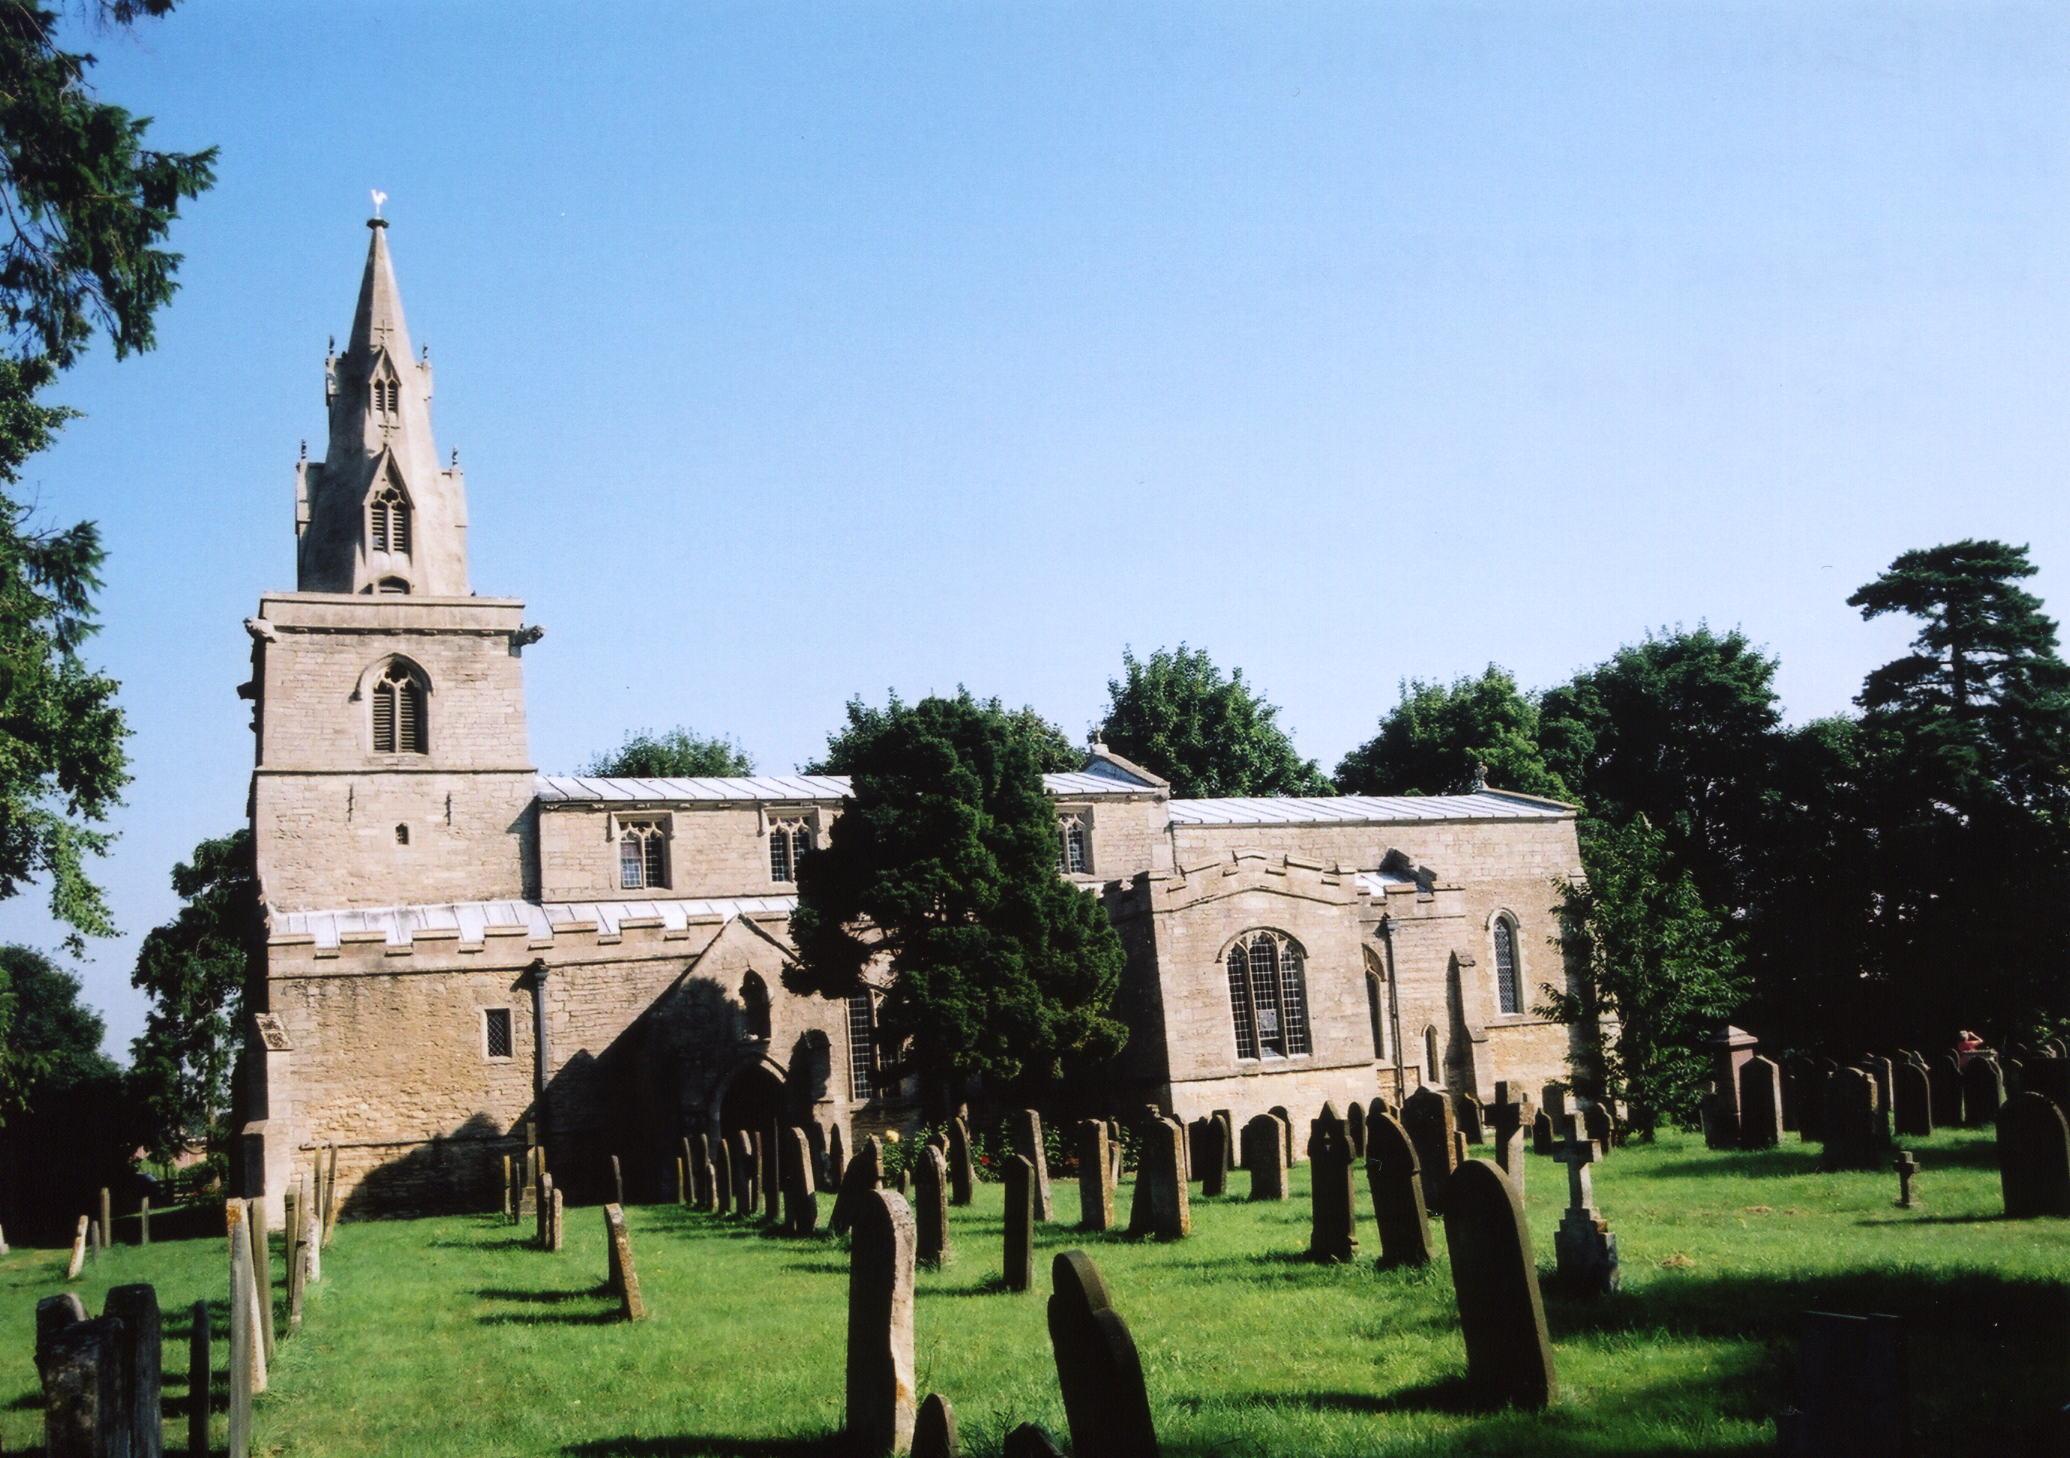 St. Firmin's Church